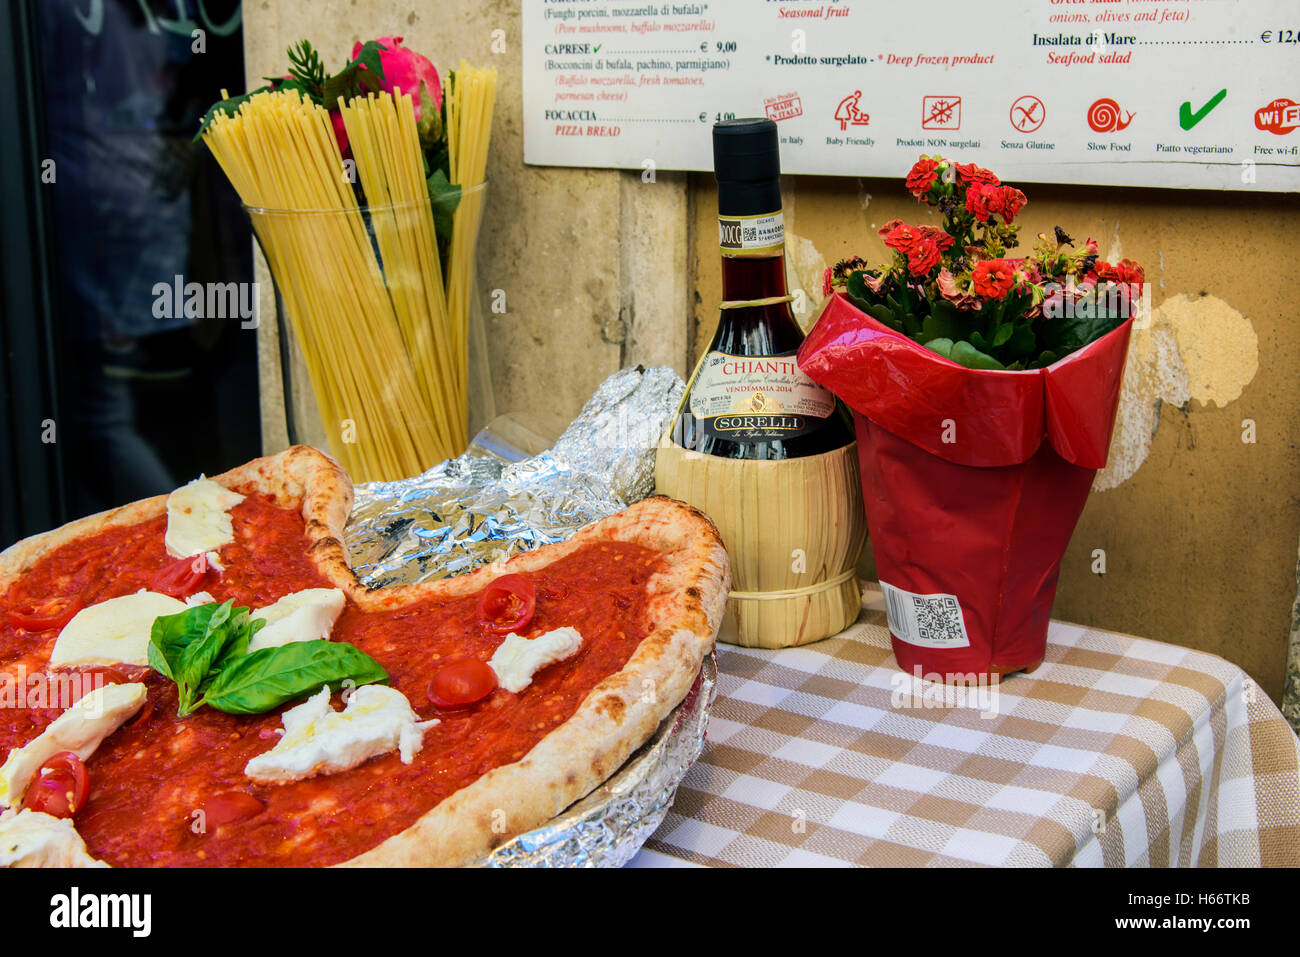 Pizza Margherita, Spaghetti und Flasche Chianti Rotwein auf einem Tisch vor einem Restaurant in Rom, Latium, Italien Stockbild